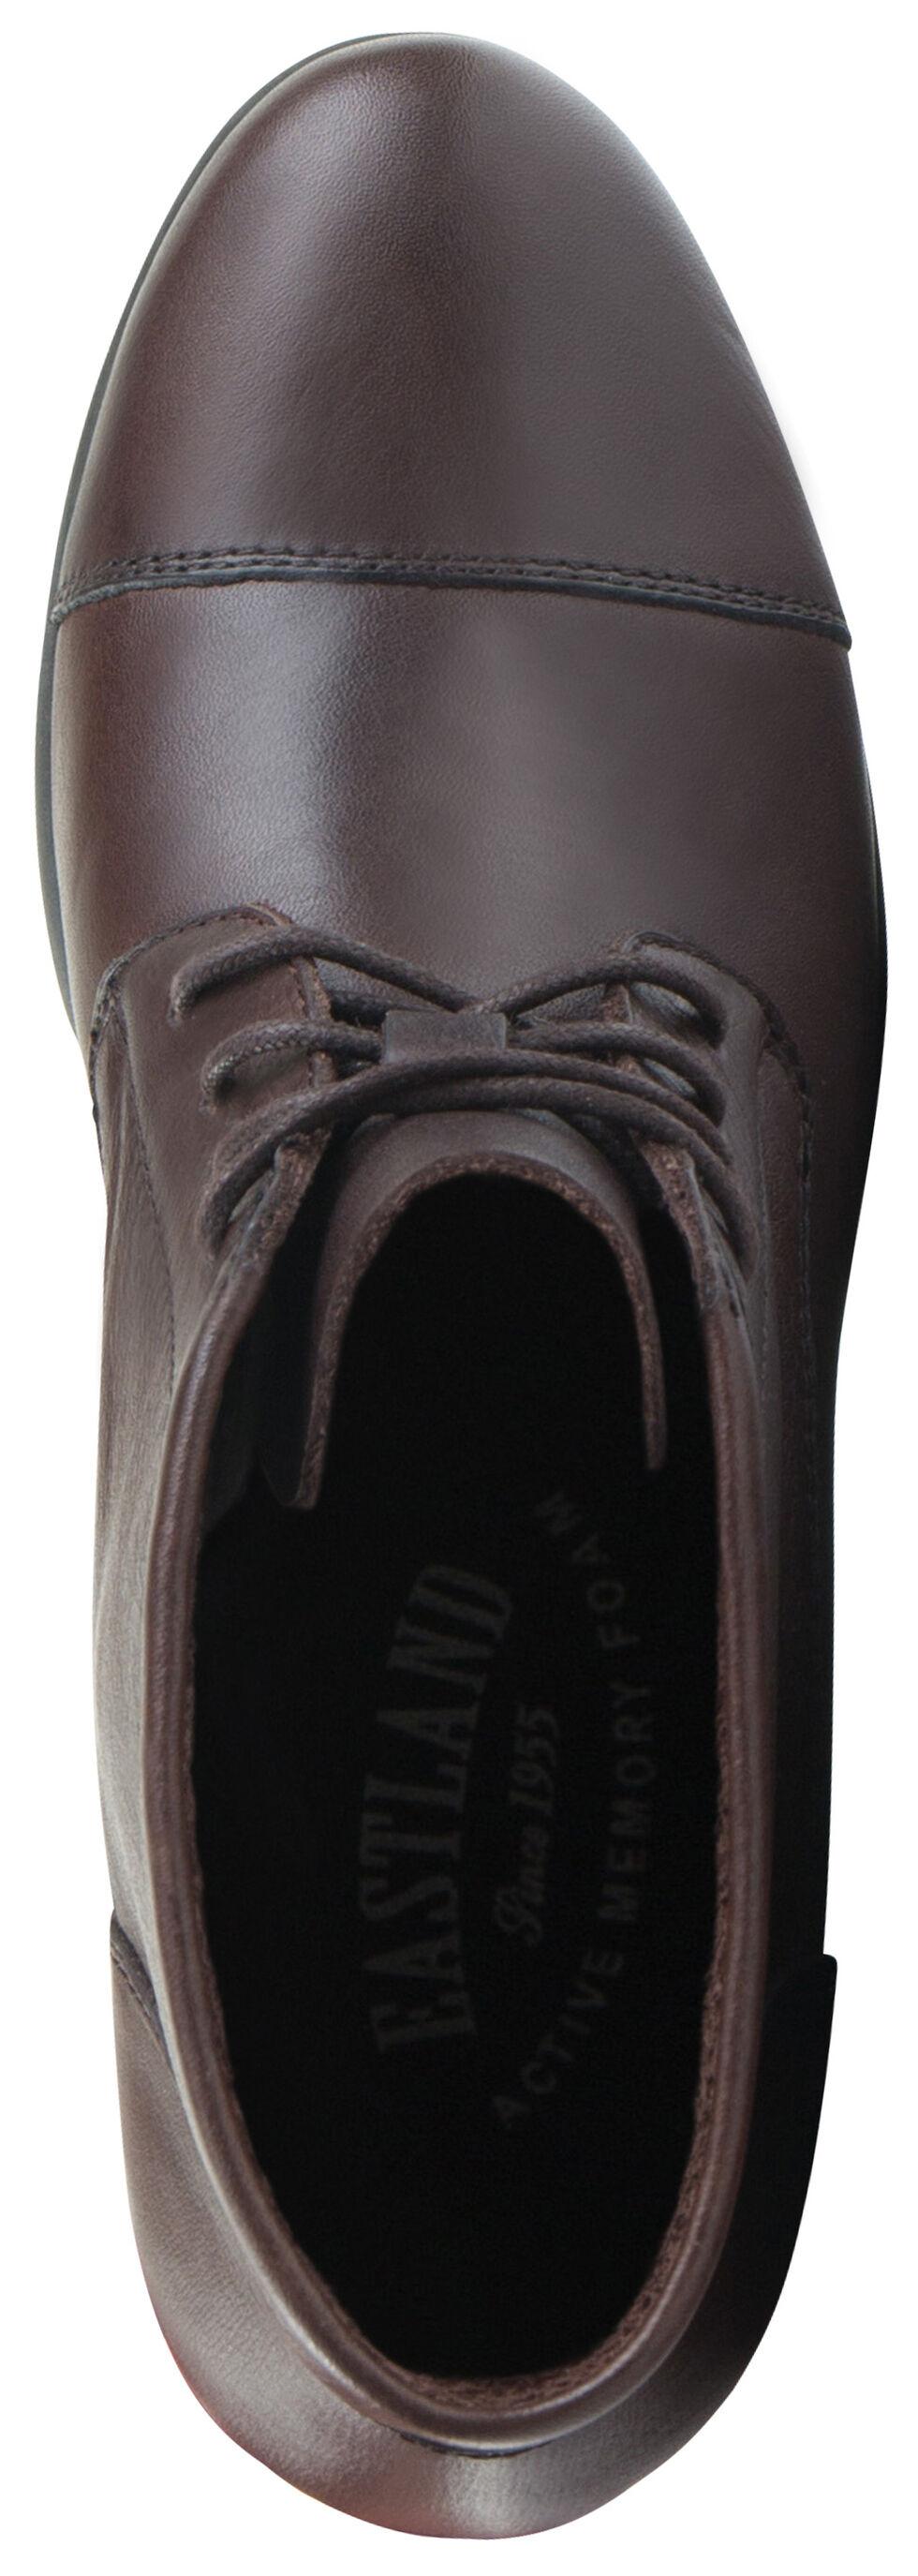 Eastland Women's Brown Alexa Lace-Up Booties, , hi-res